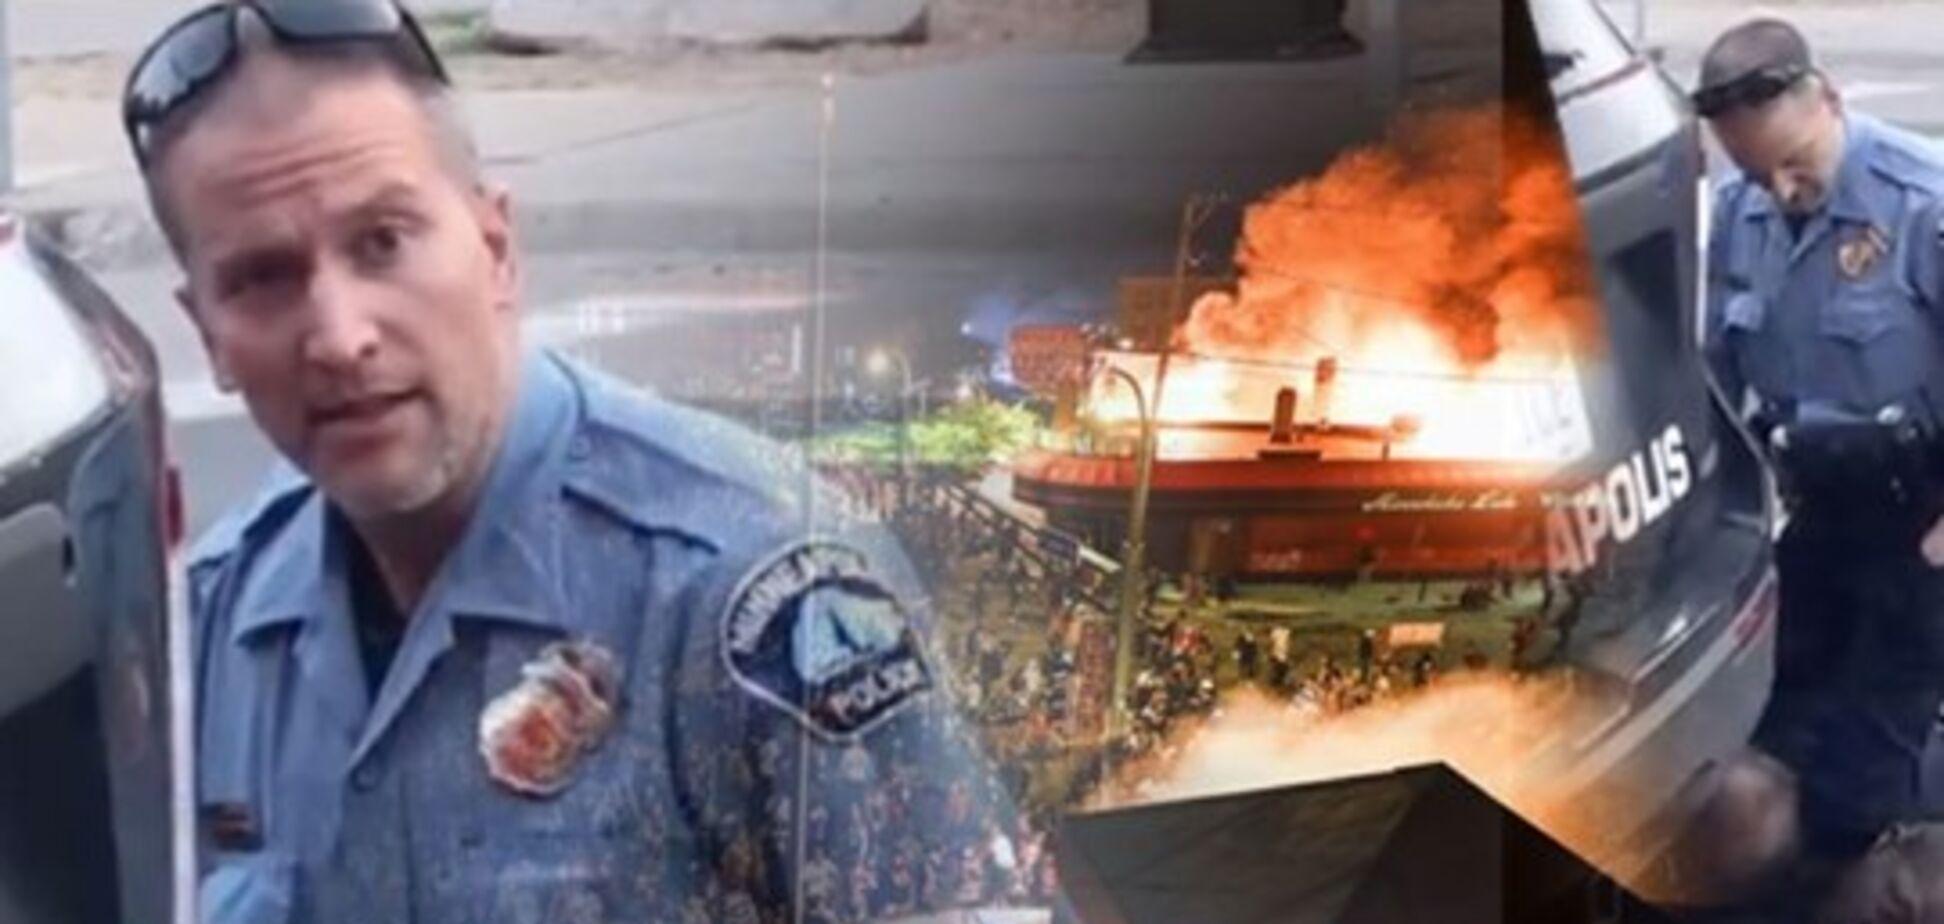 Полицейский, из-за которого начались протесты в США, может быть невиновен